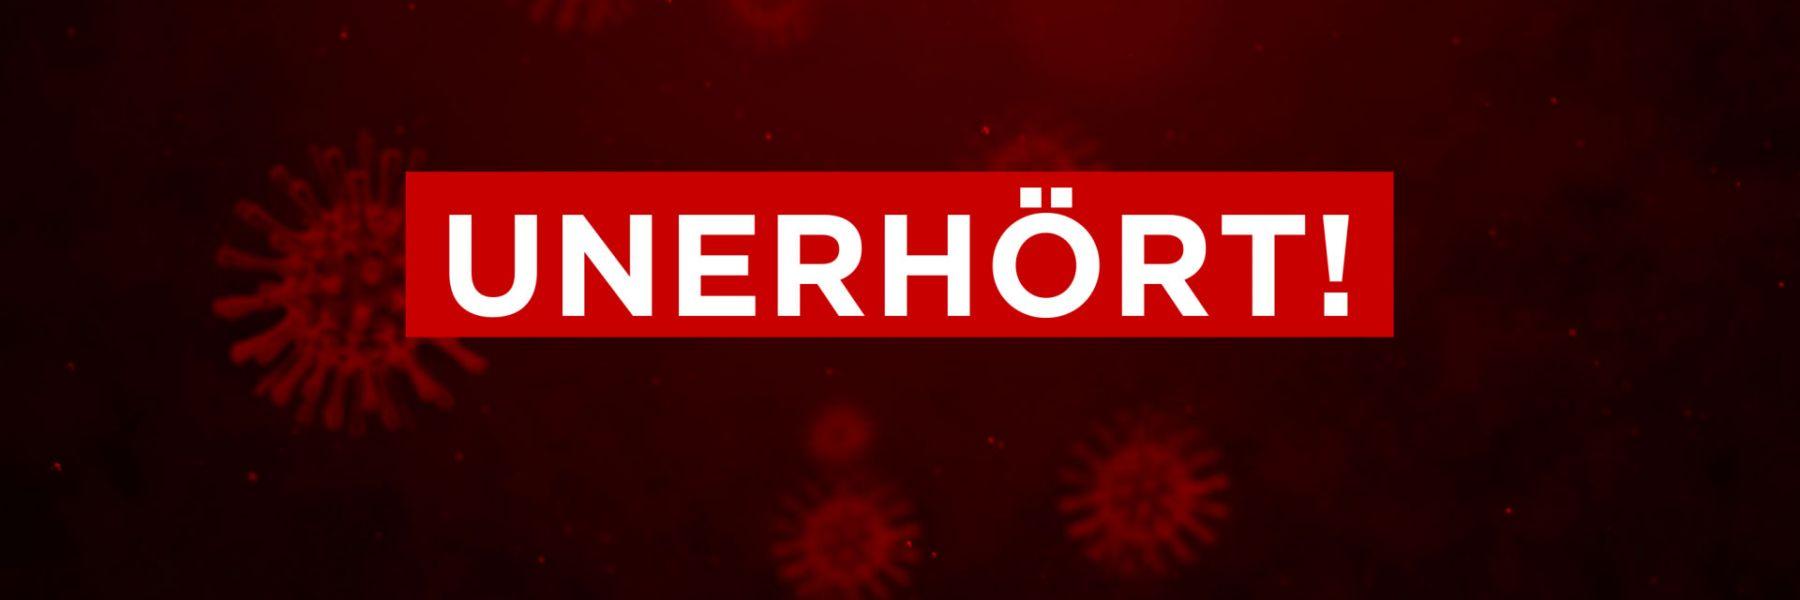 """Filmpremiere """"Unerhört!"""" vom 23.10.2020 der Dokfilm von Reto Brennwald"""